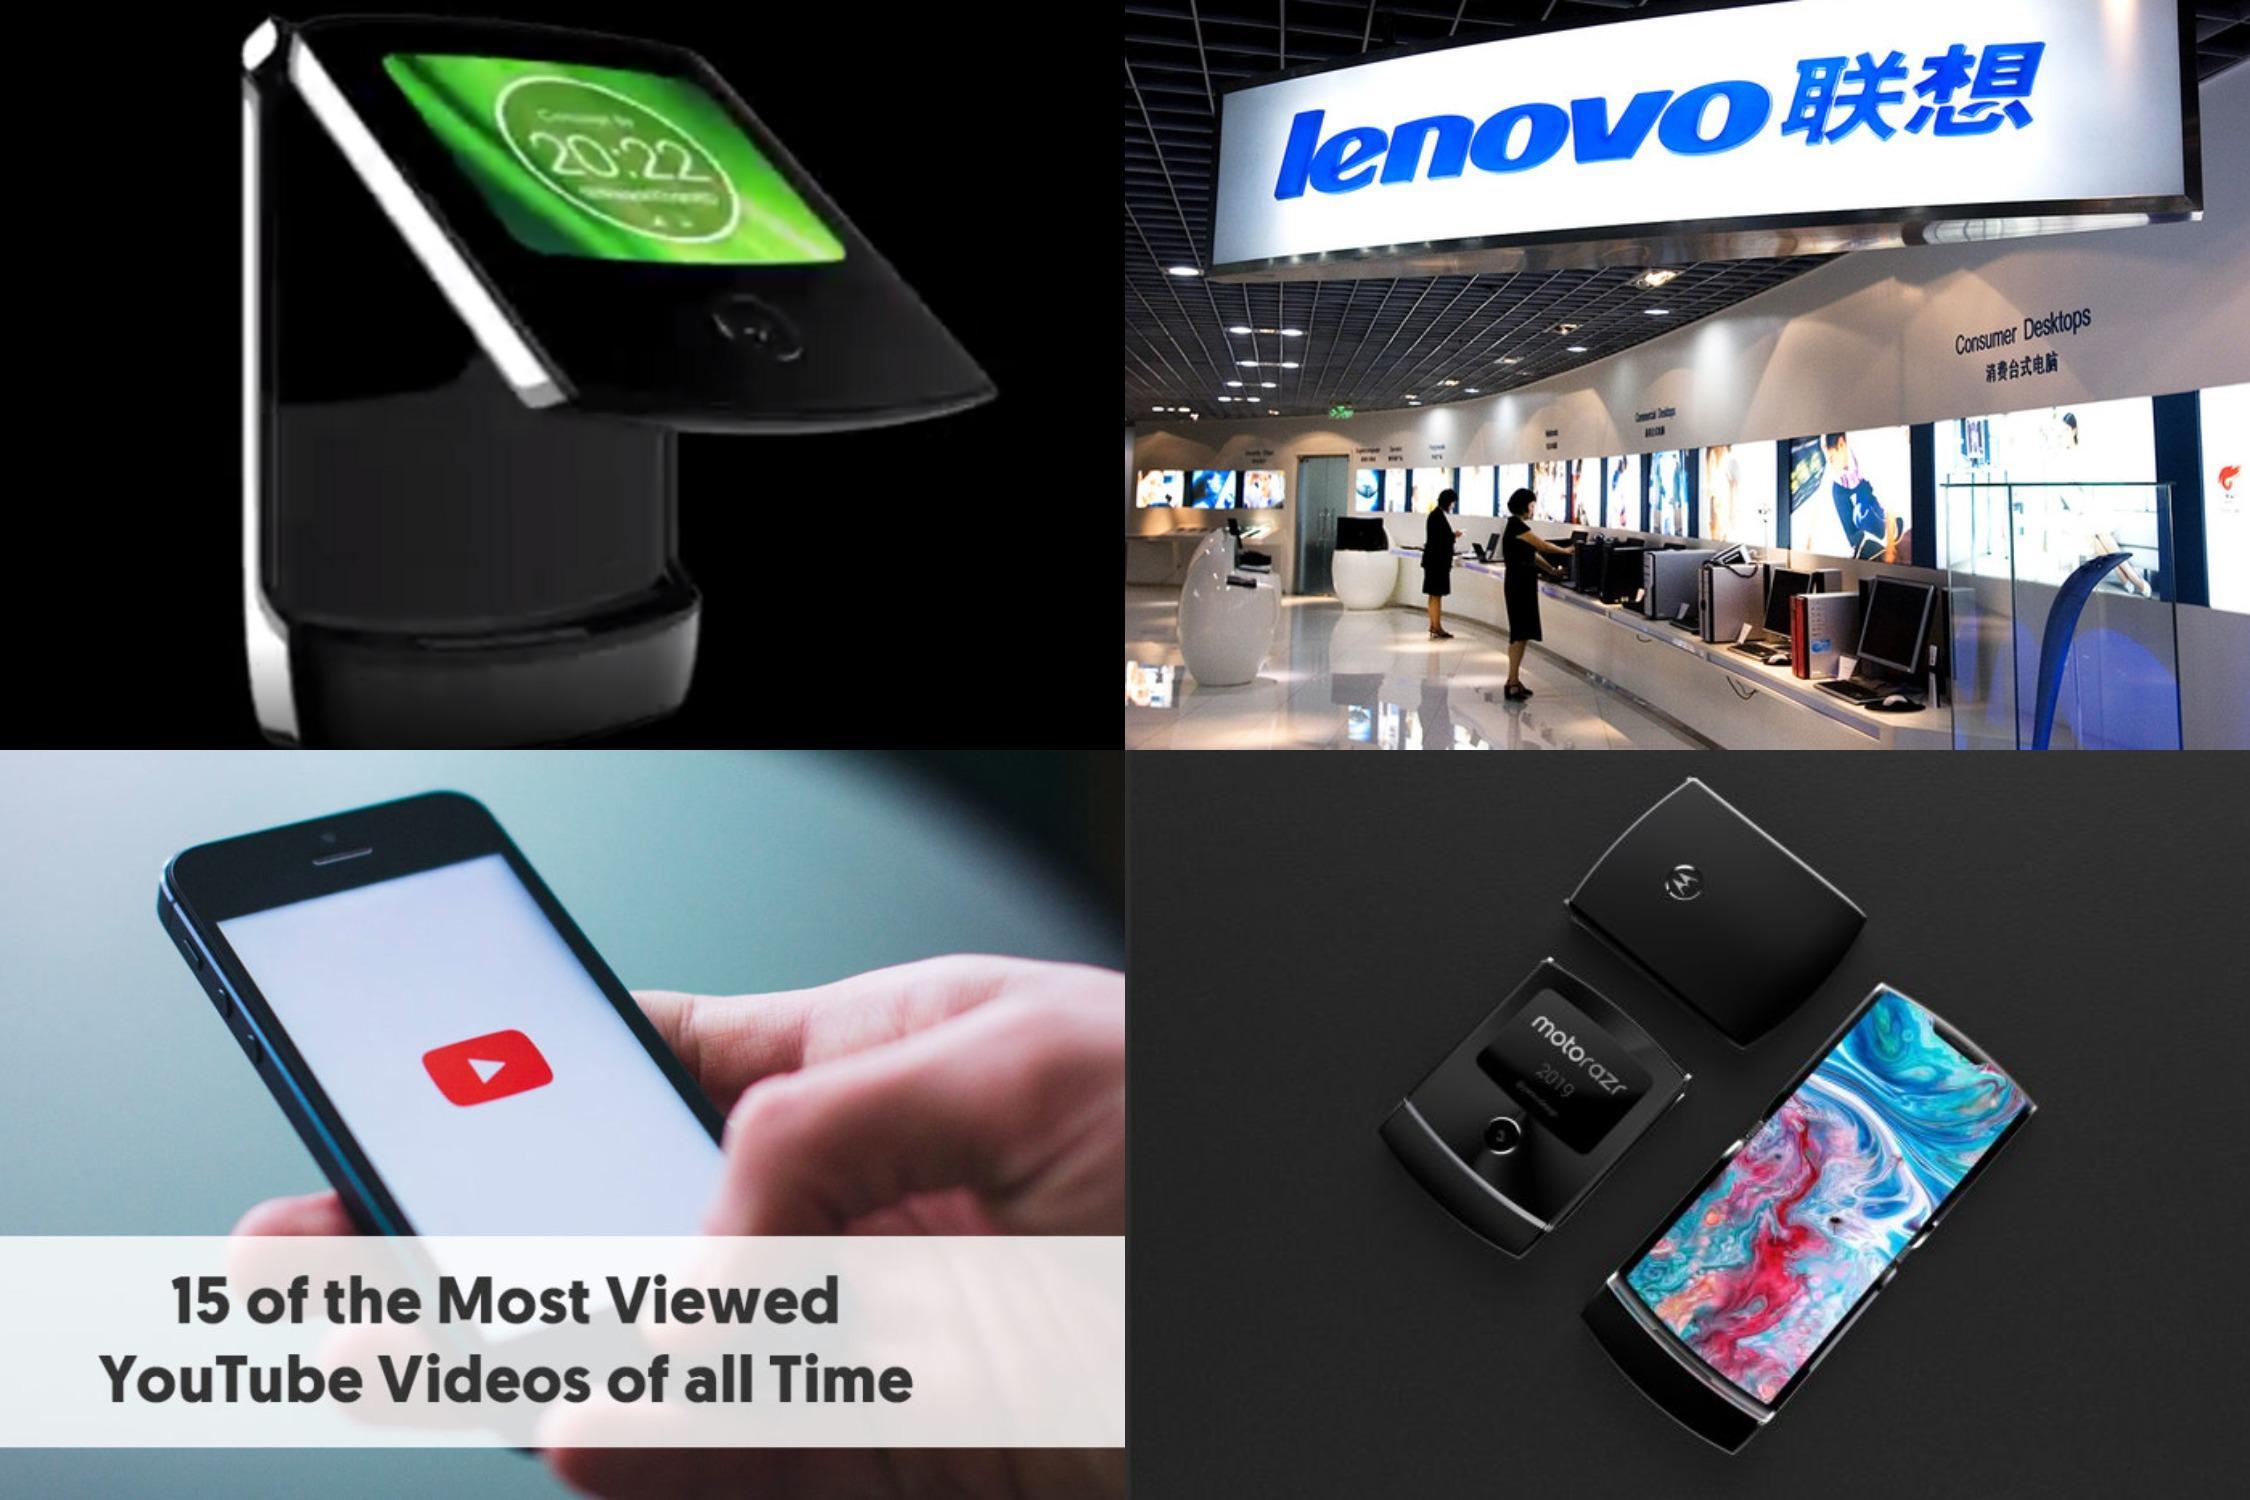 Lenovo опять уличили в обмане — на этот раз со складным смартфоном Motorola RAZR